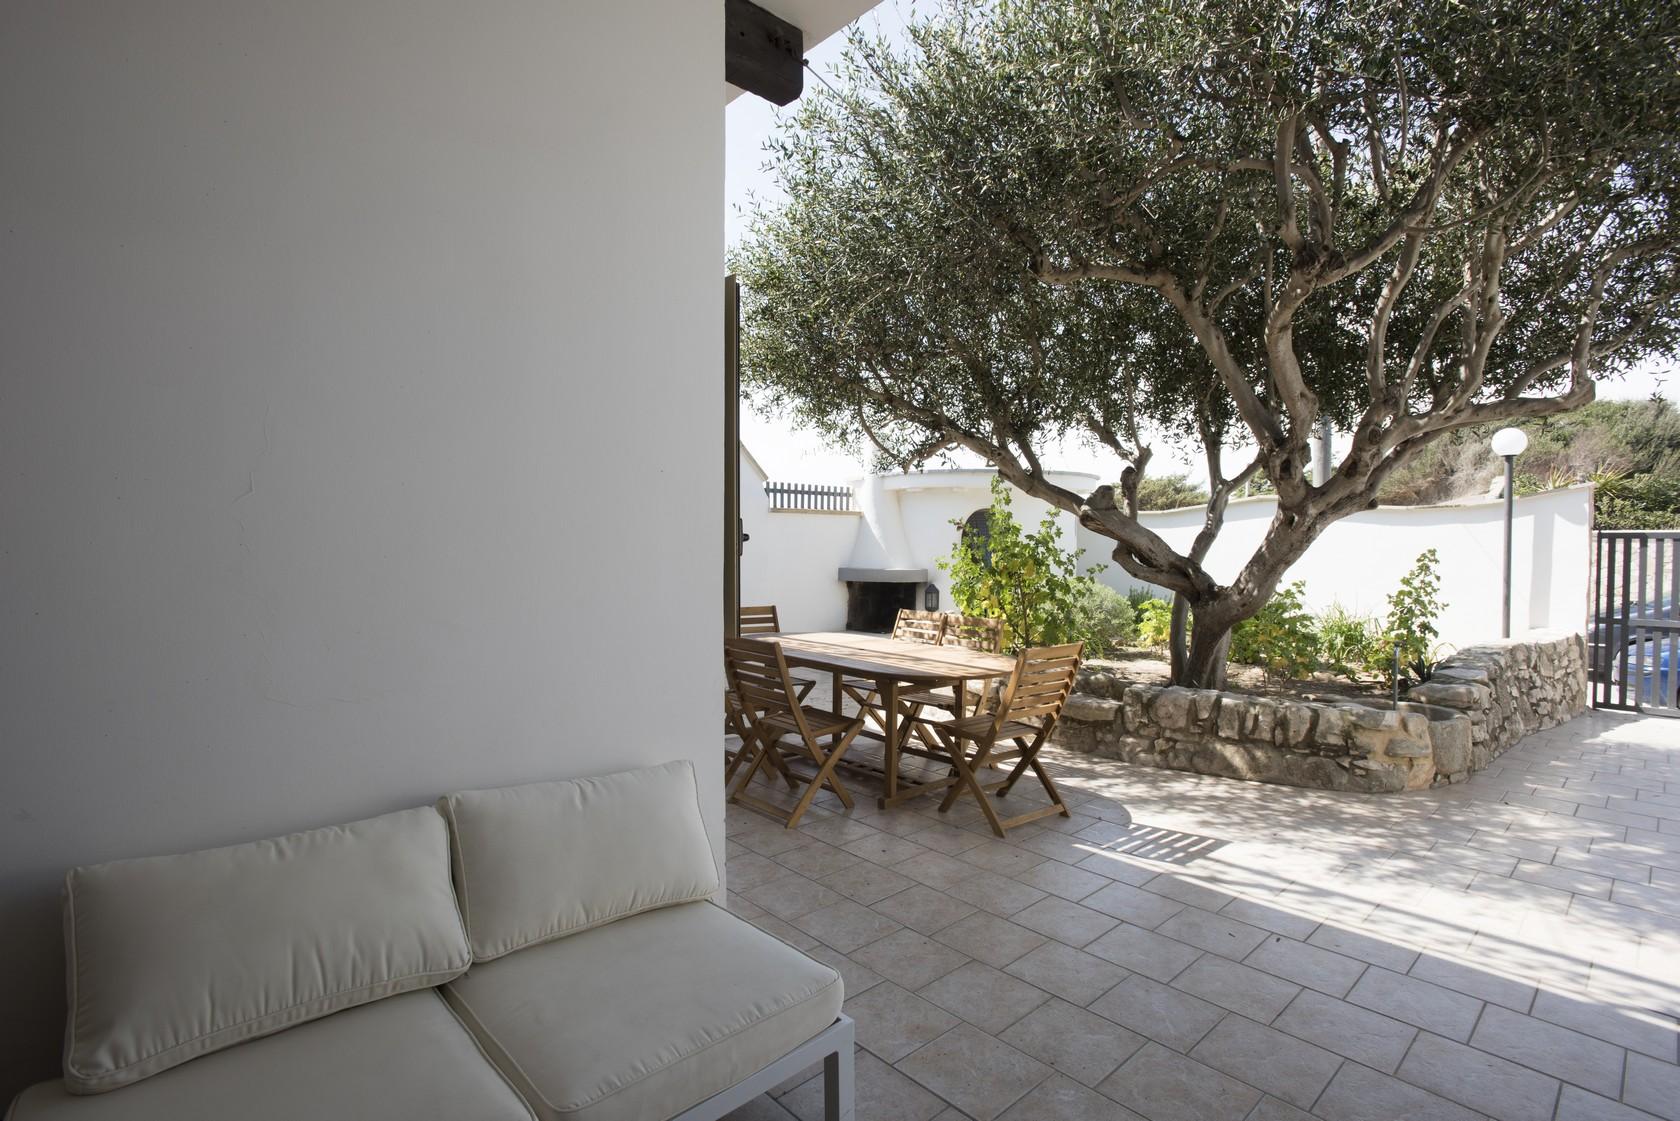 Ferienhaus Villa Desiderio, villa on the beach (2354061), Porto Cesareo, Lecce, Apulien, Italien, Bild 14